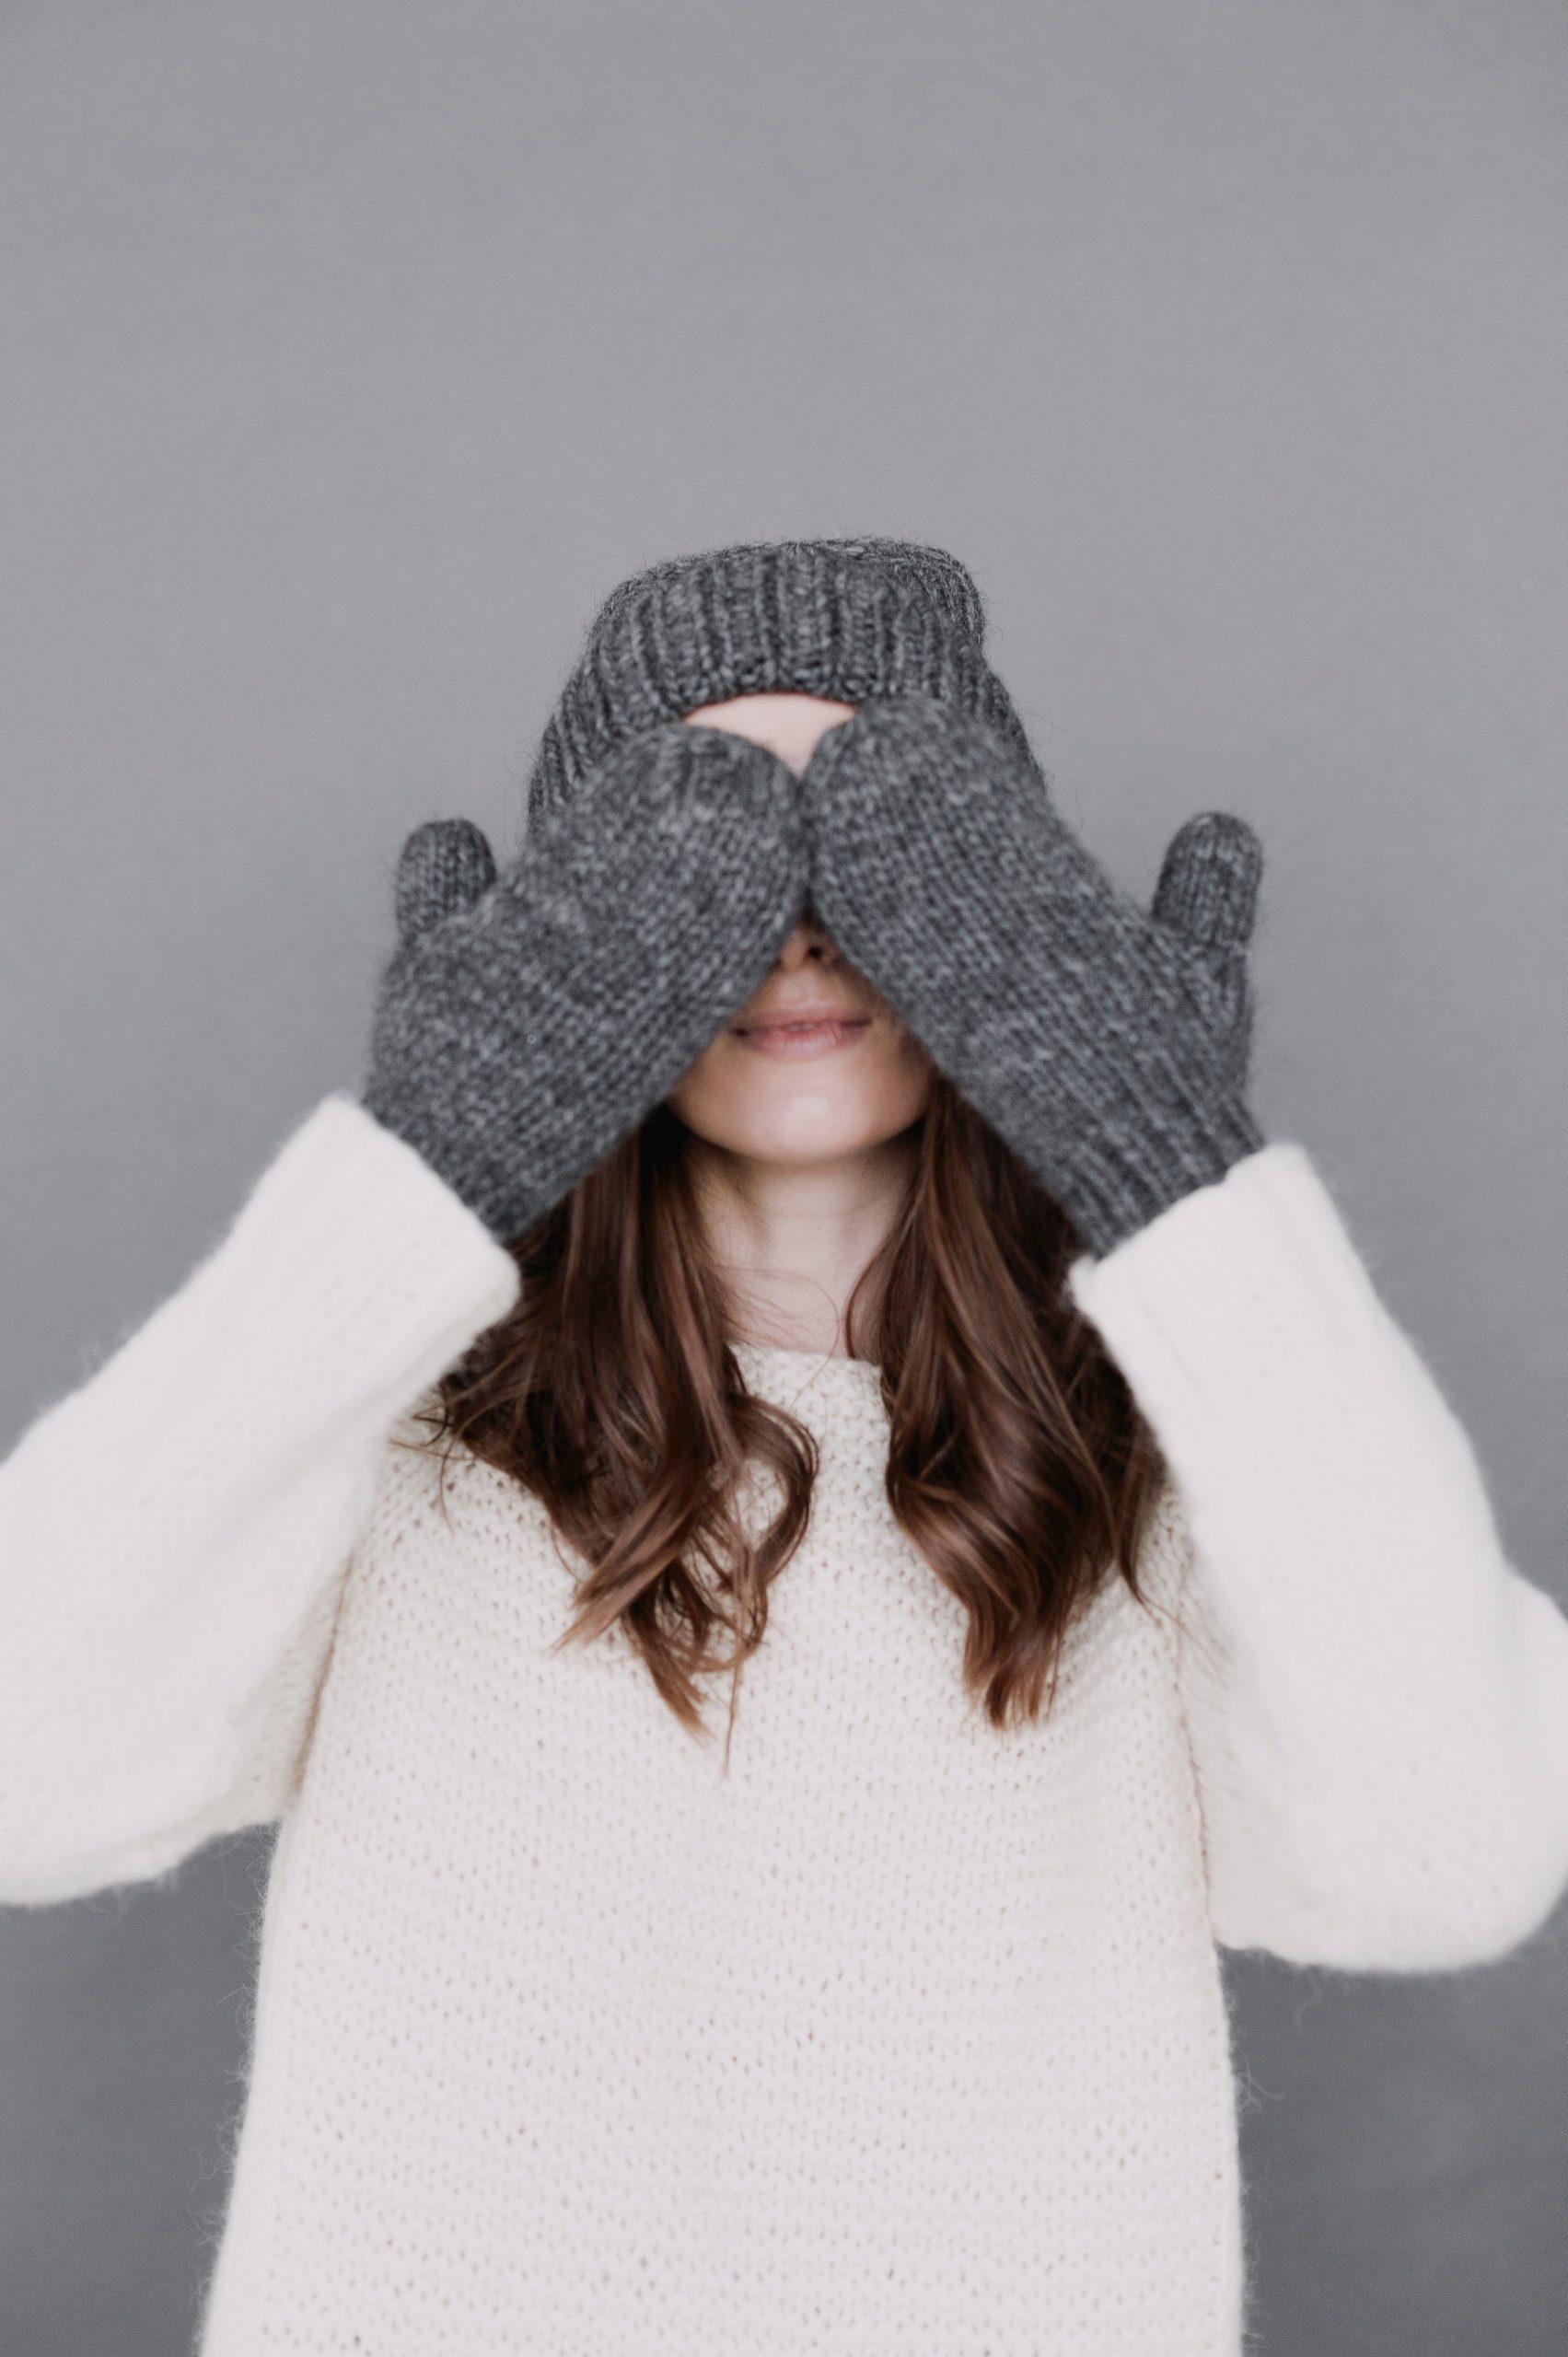 Heizung-Frau-Handschuhe-frieren